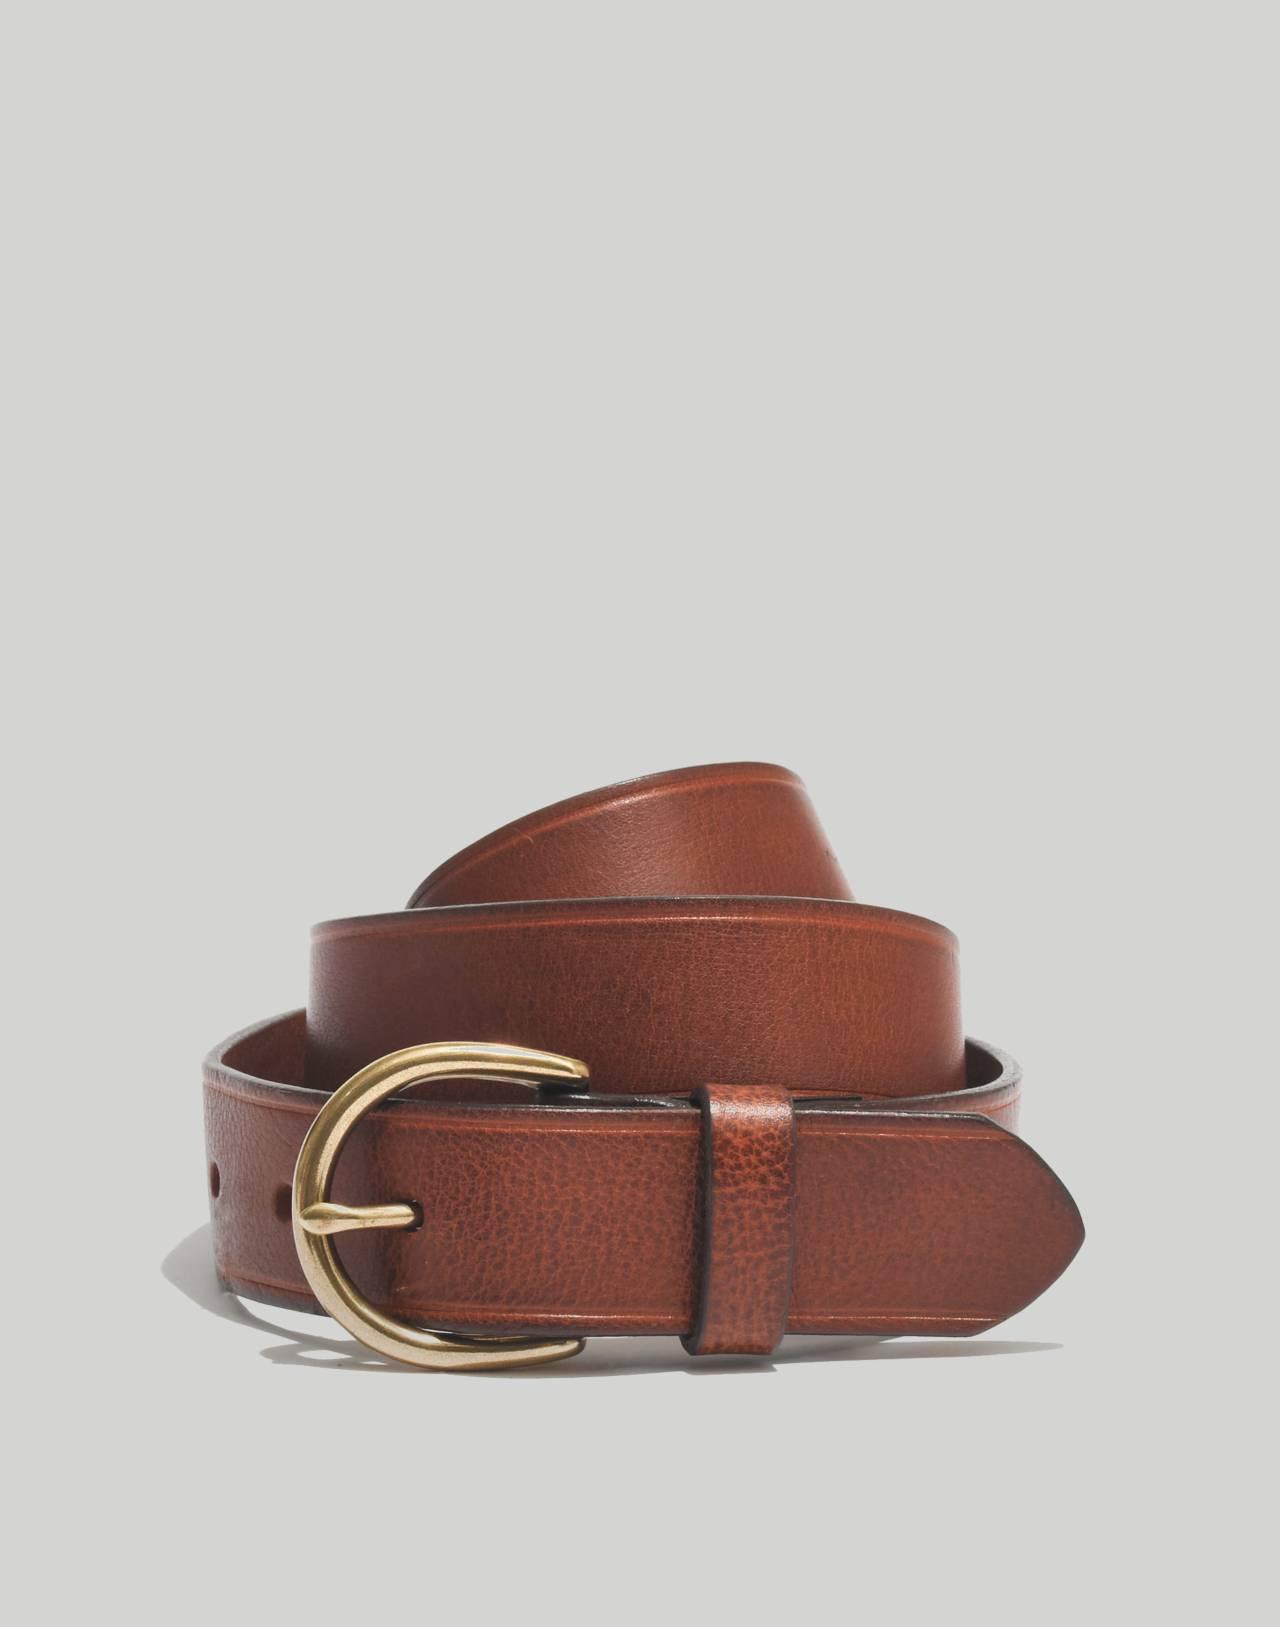 Medium Perfect Leather Belt in pecan image 1